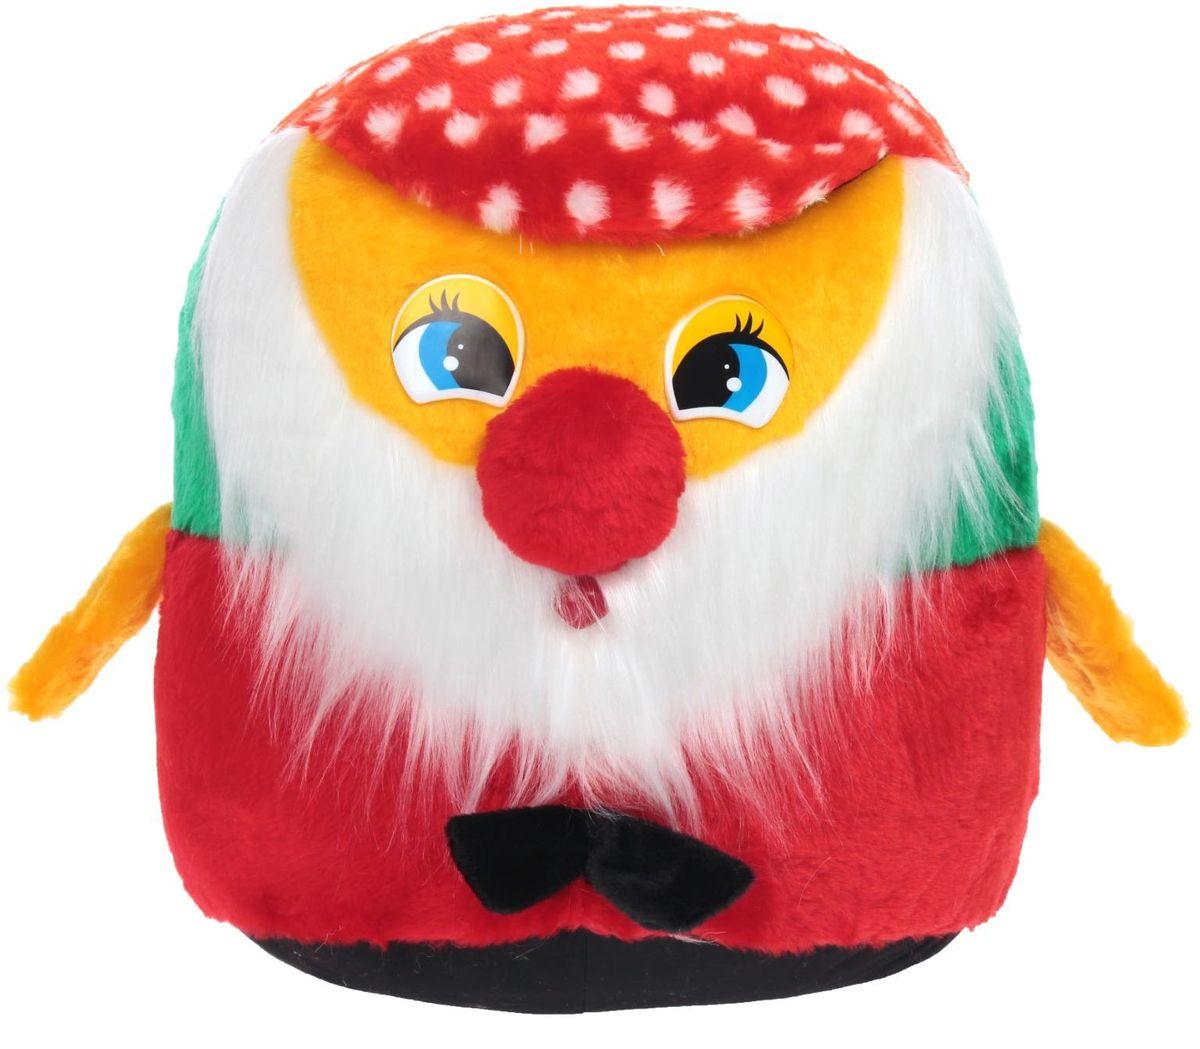 Радомир Мягкая игрушка Гном Пенек 42 см 2008899 радомир мягкая игрушка собака соня 55 см 2008906